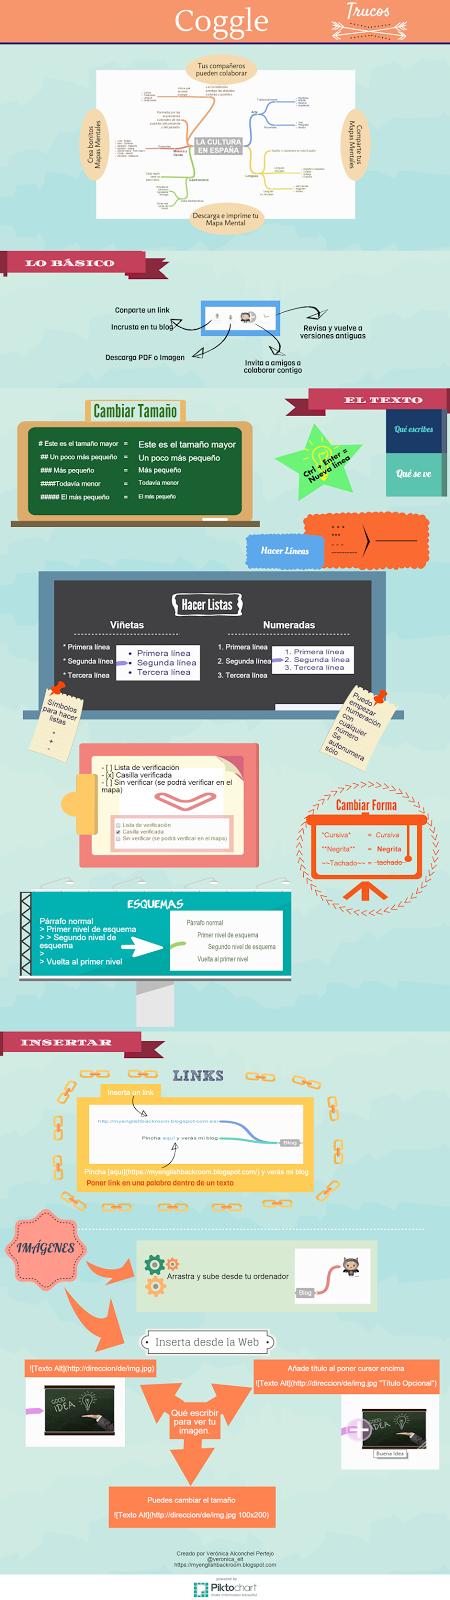 Trucos Coggle Infografia